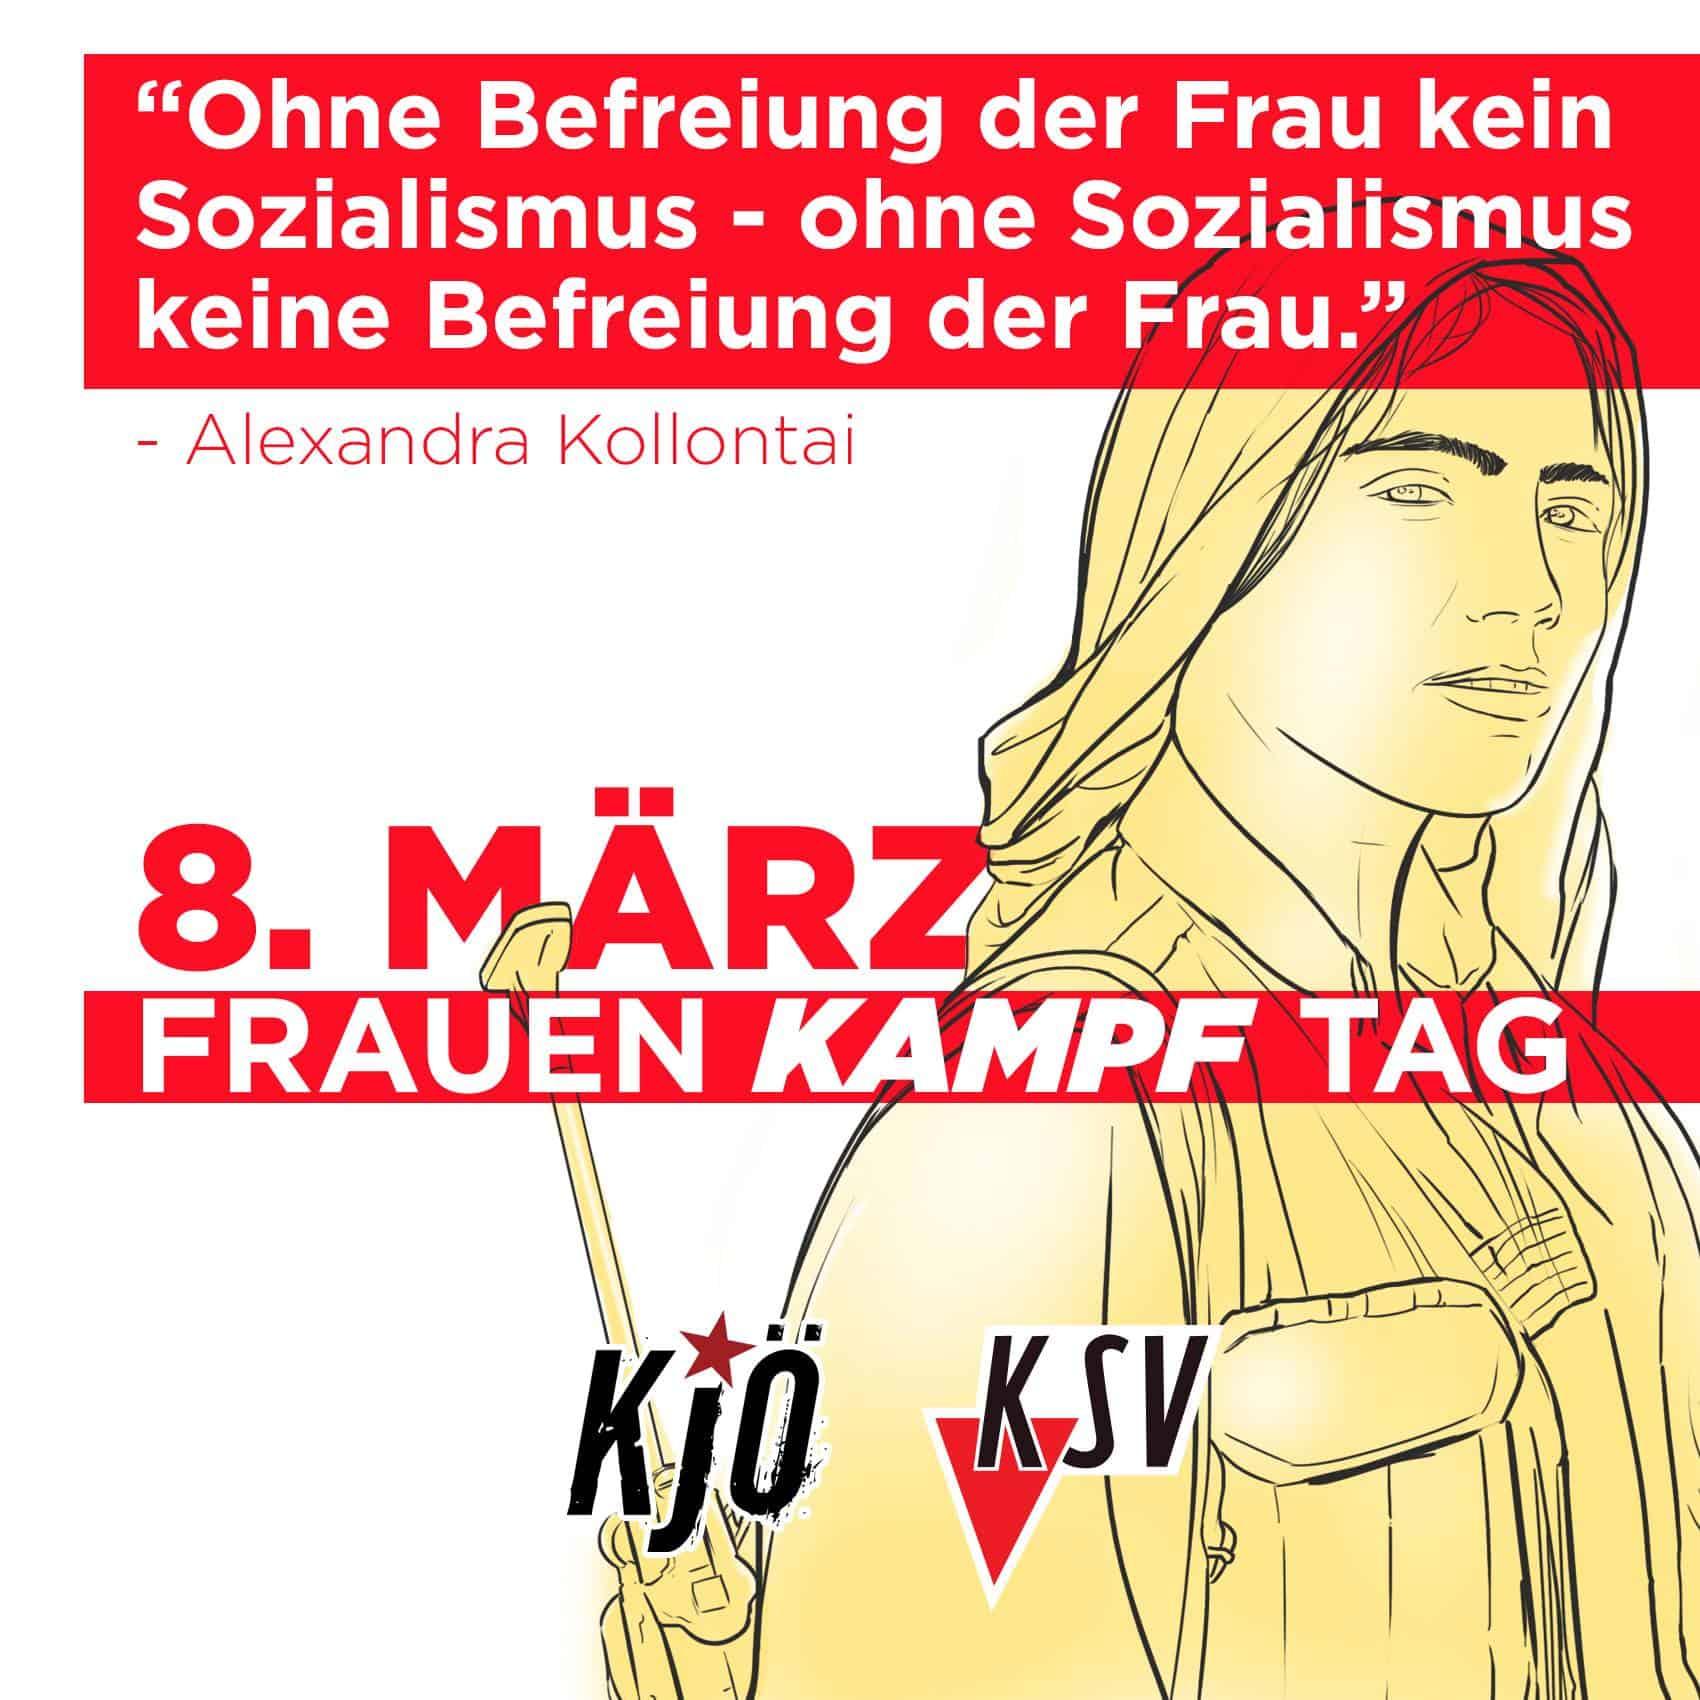 """Flyer zum 8. März, dem Frauenkampftag mit einem Zitat von Alexandra Kollontai: """"Ohne Befreiung der Frau kein Sozialismus - ohne Sozialismus keine Befreiung der Frau."""""""